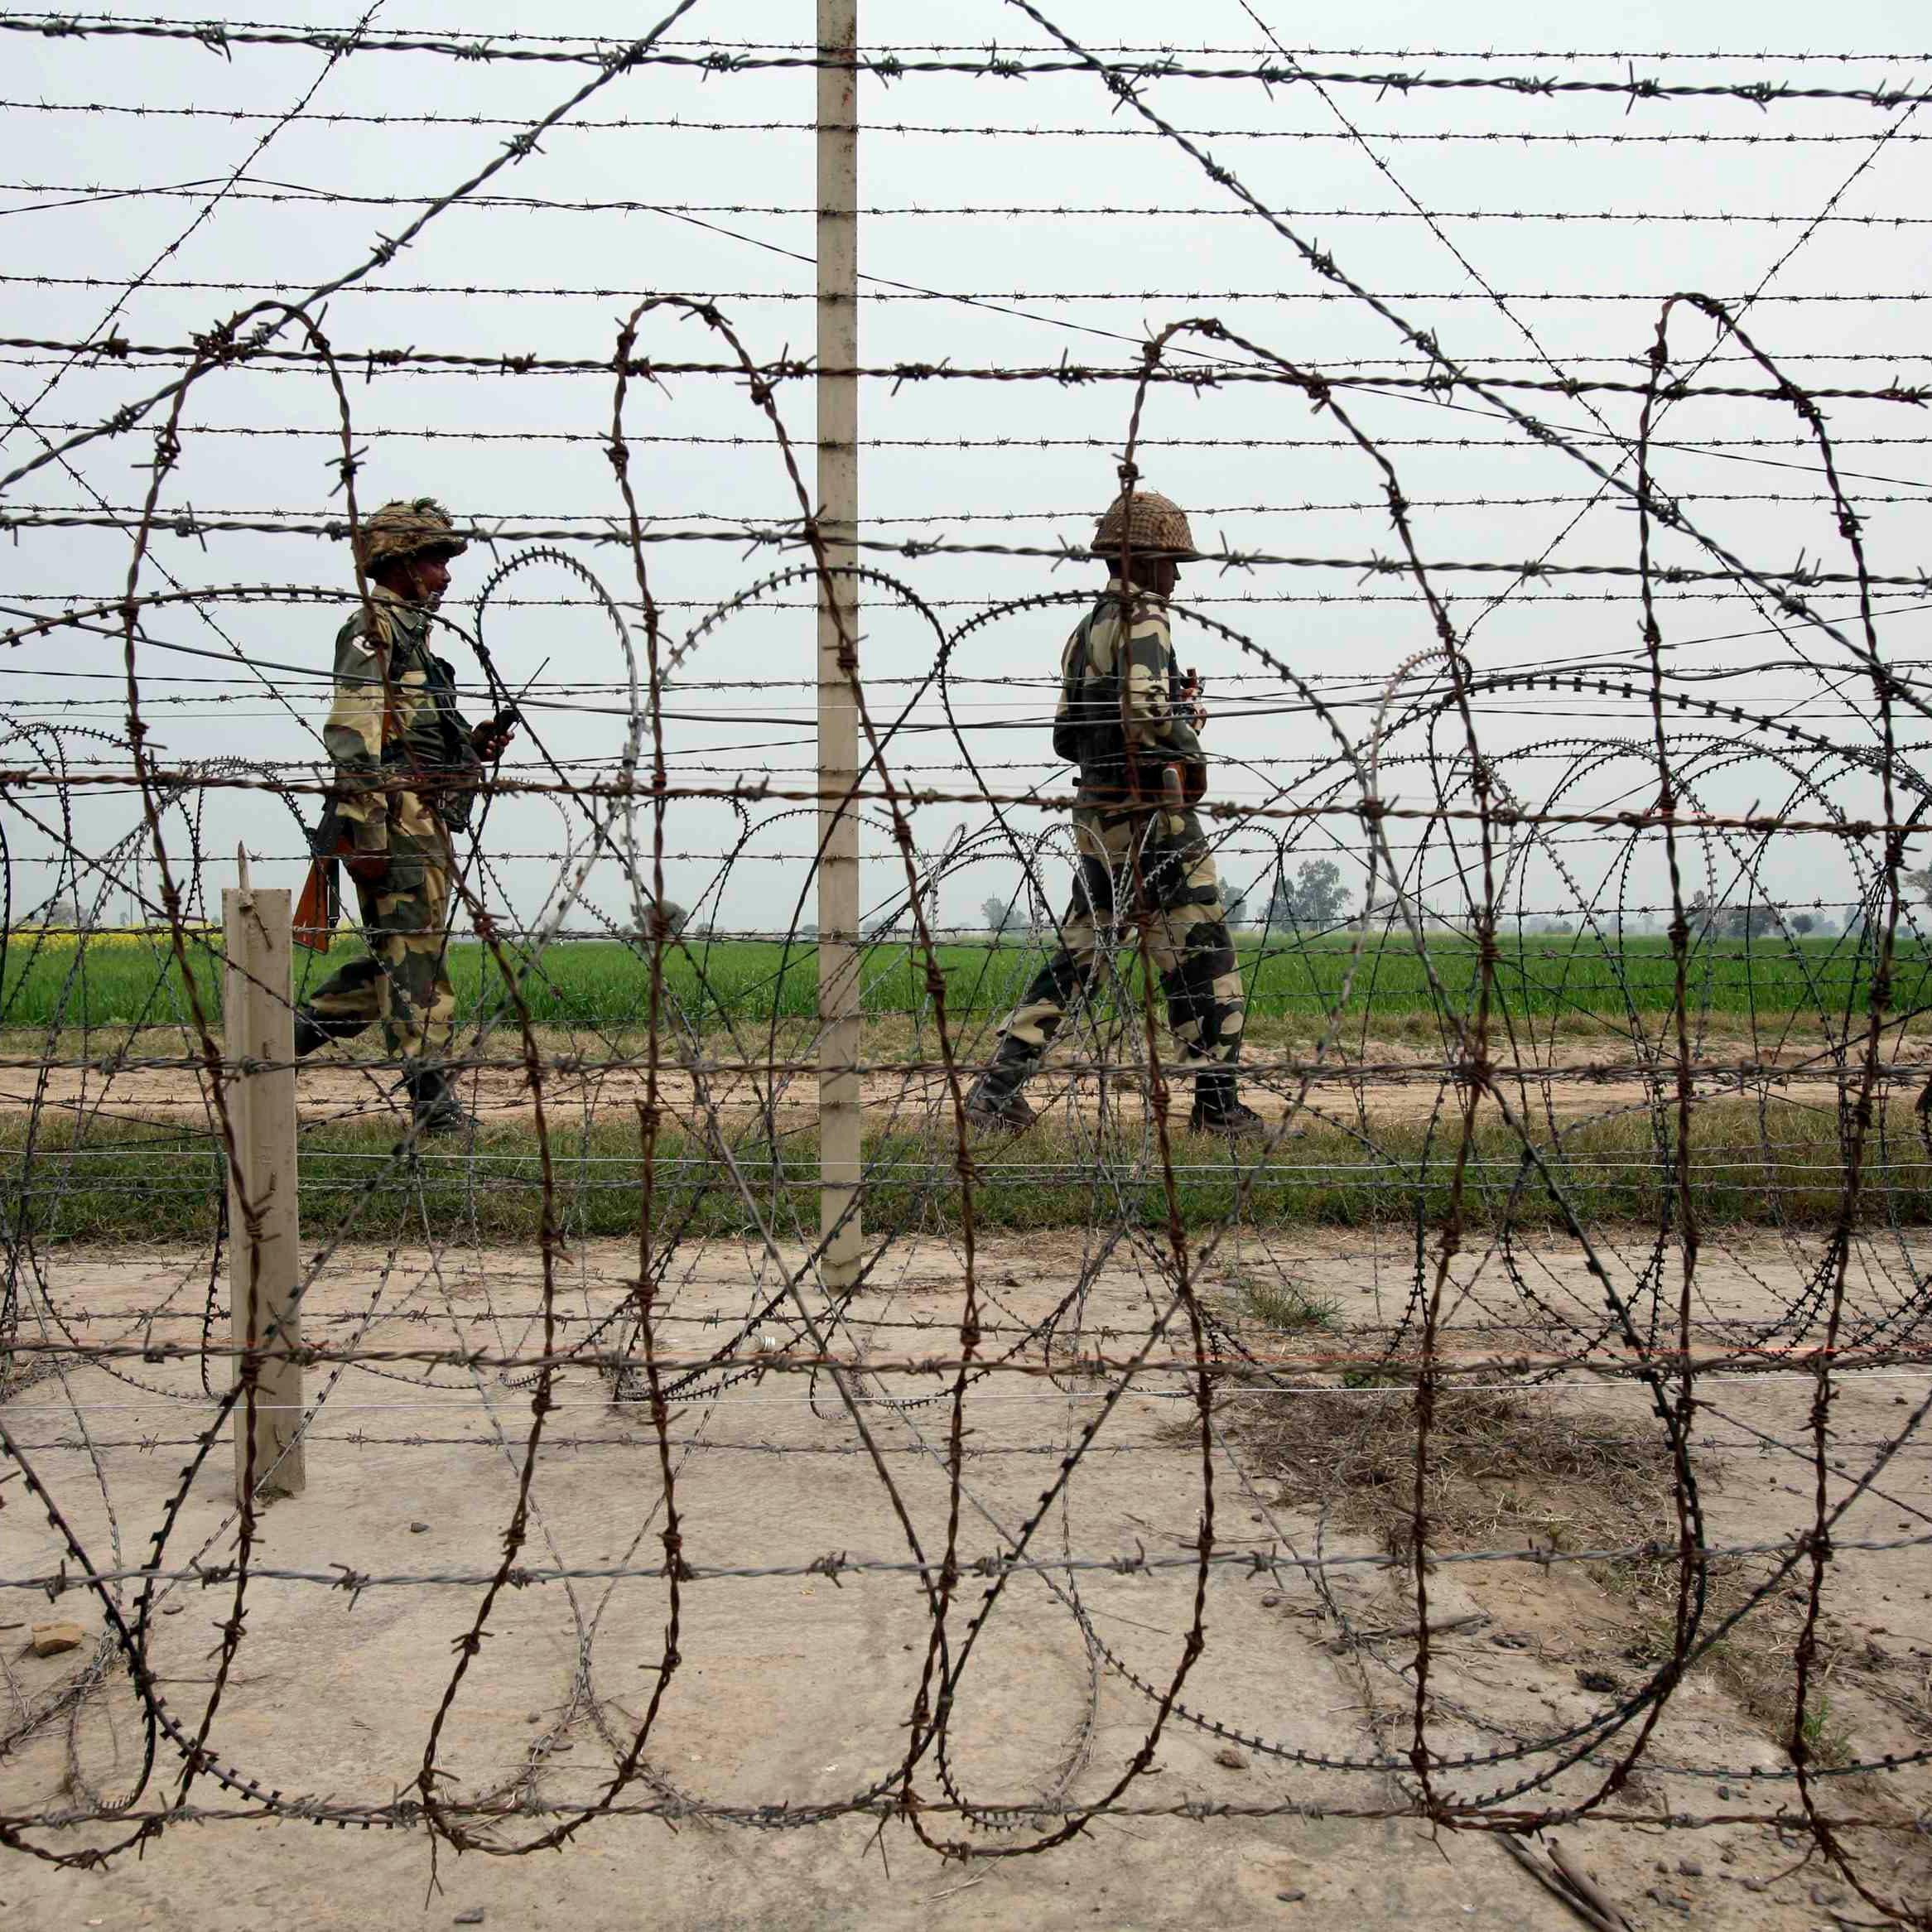 باكستان تطلب مساعدة أممية لتخفيف حدة التوتر مع الهند